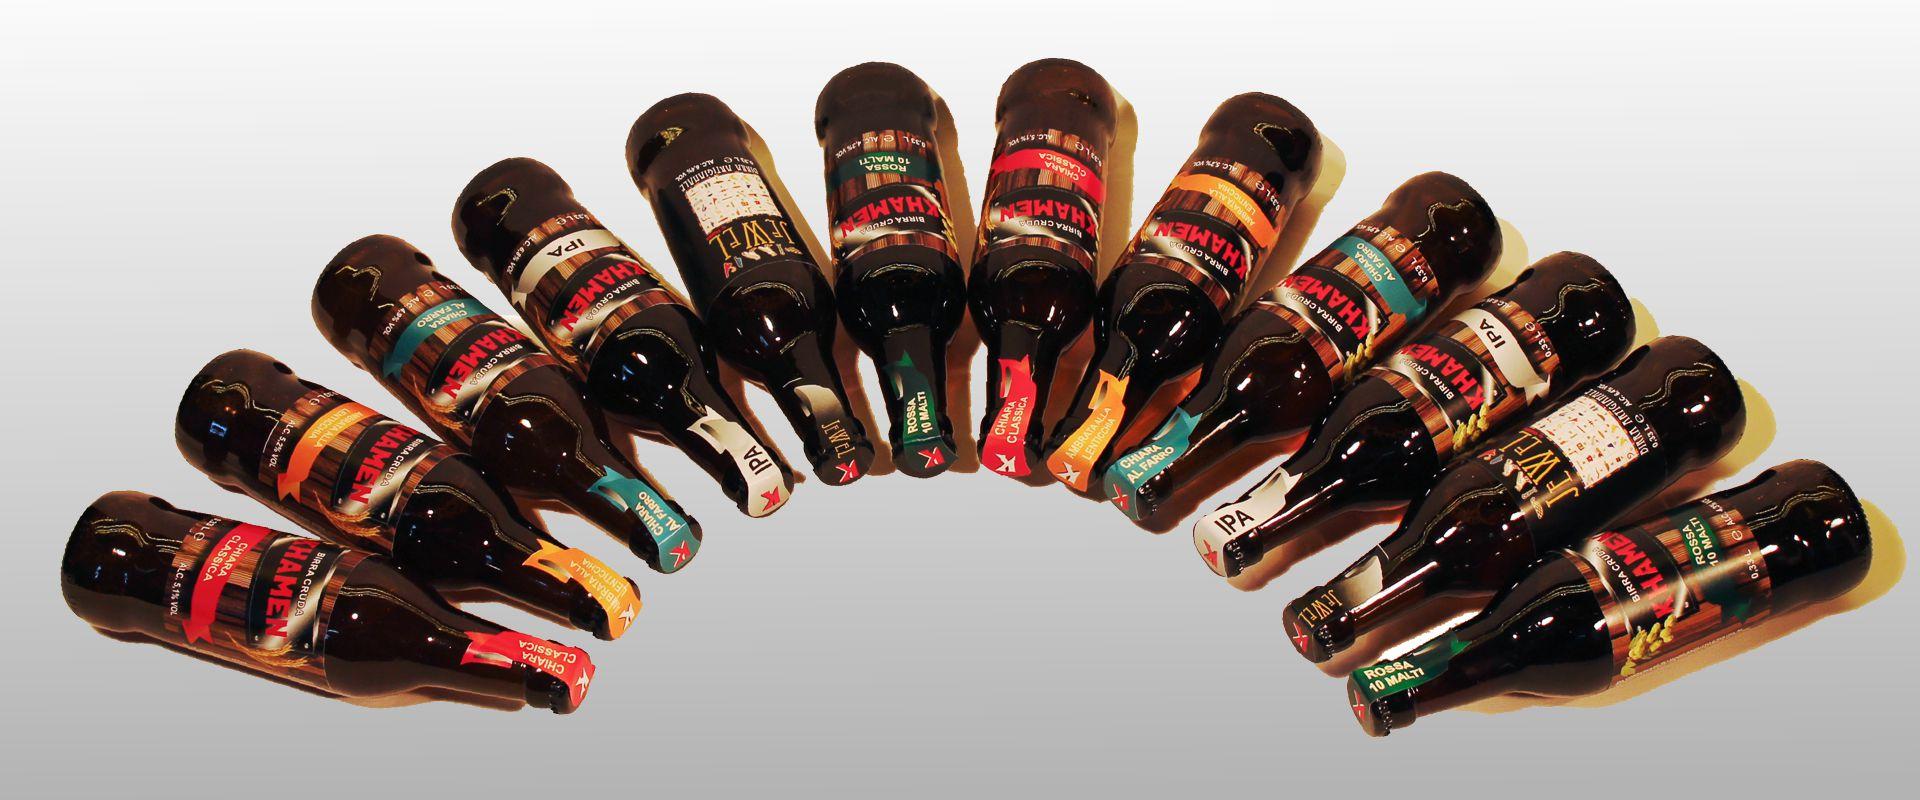 birra artigianale umbra